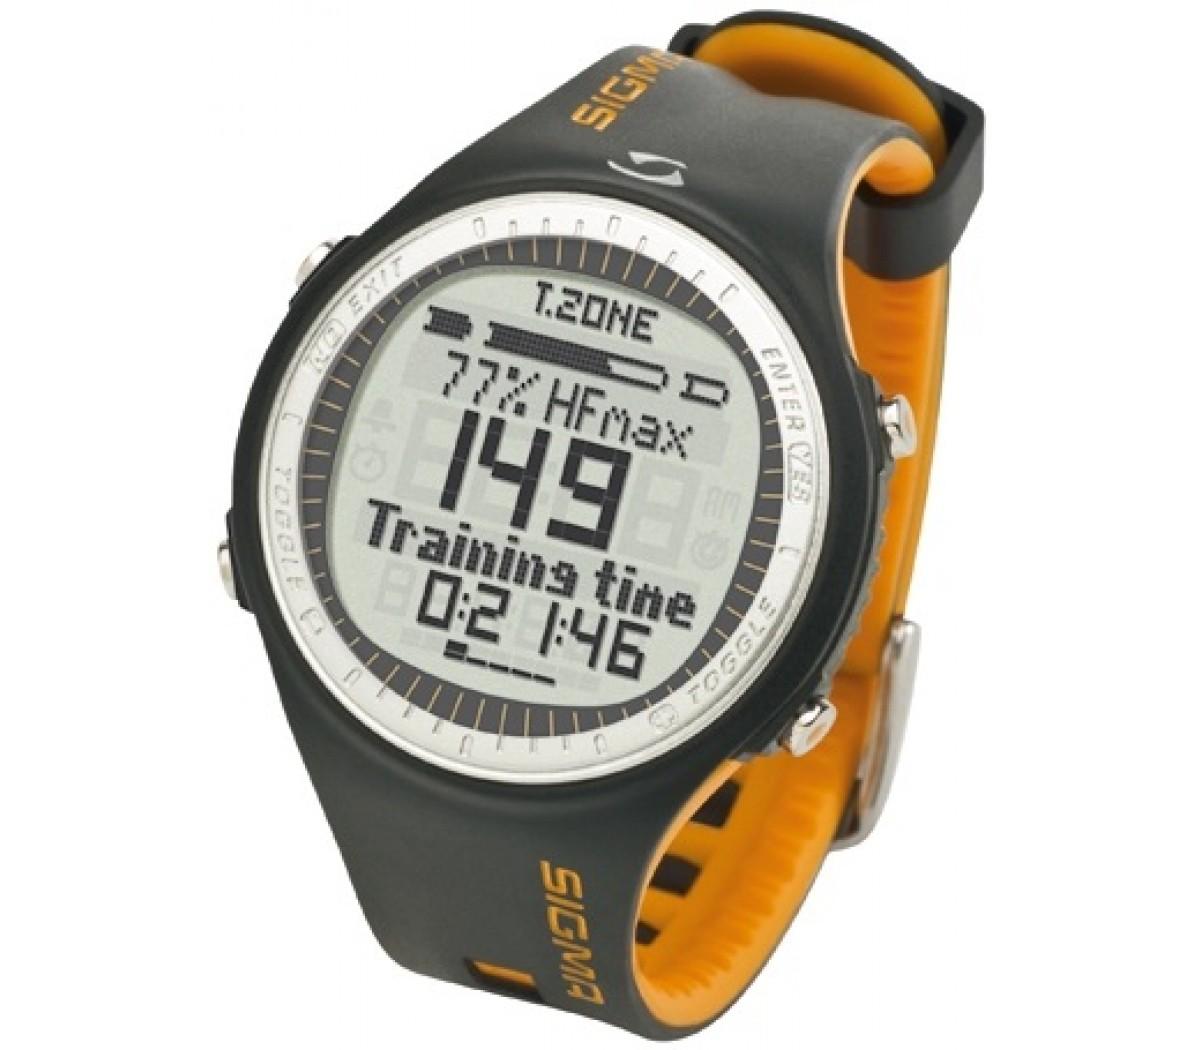 De Sigma PC25.10 hartslagmeter is een eenvoudig te bedienen digitaal gecodeerde hartslagmeter.